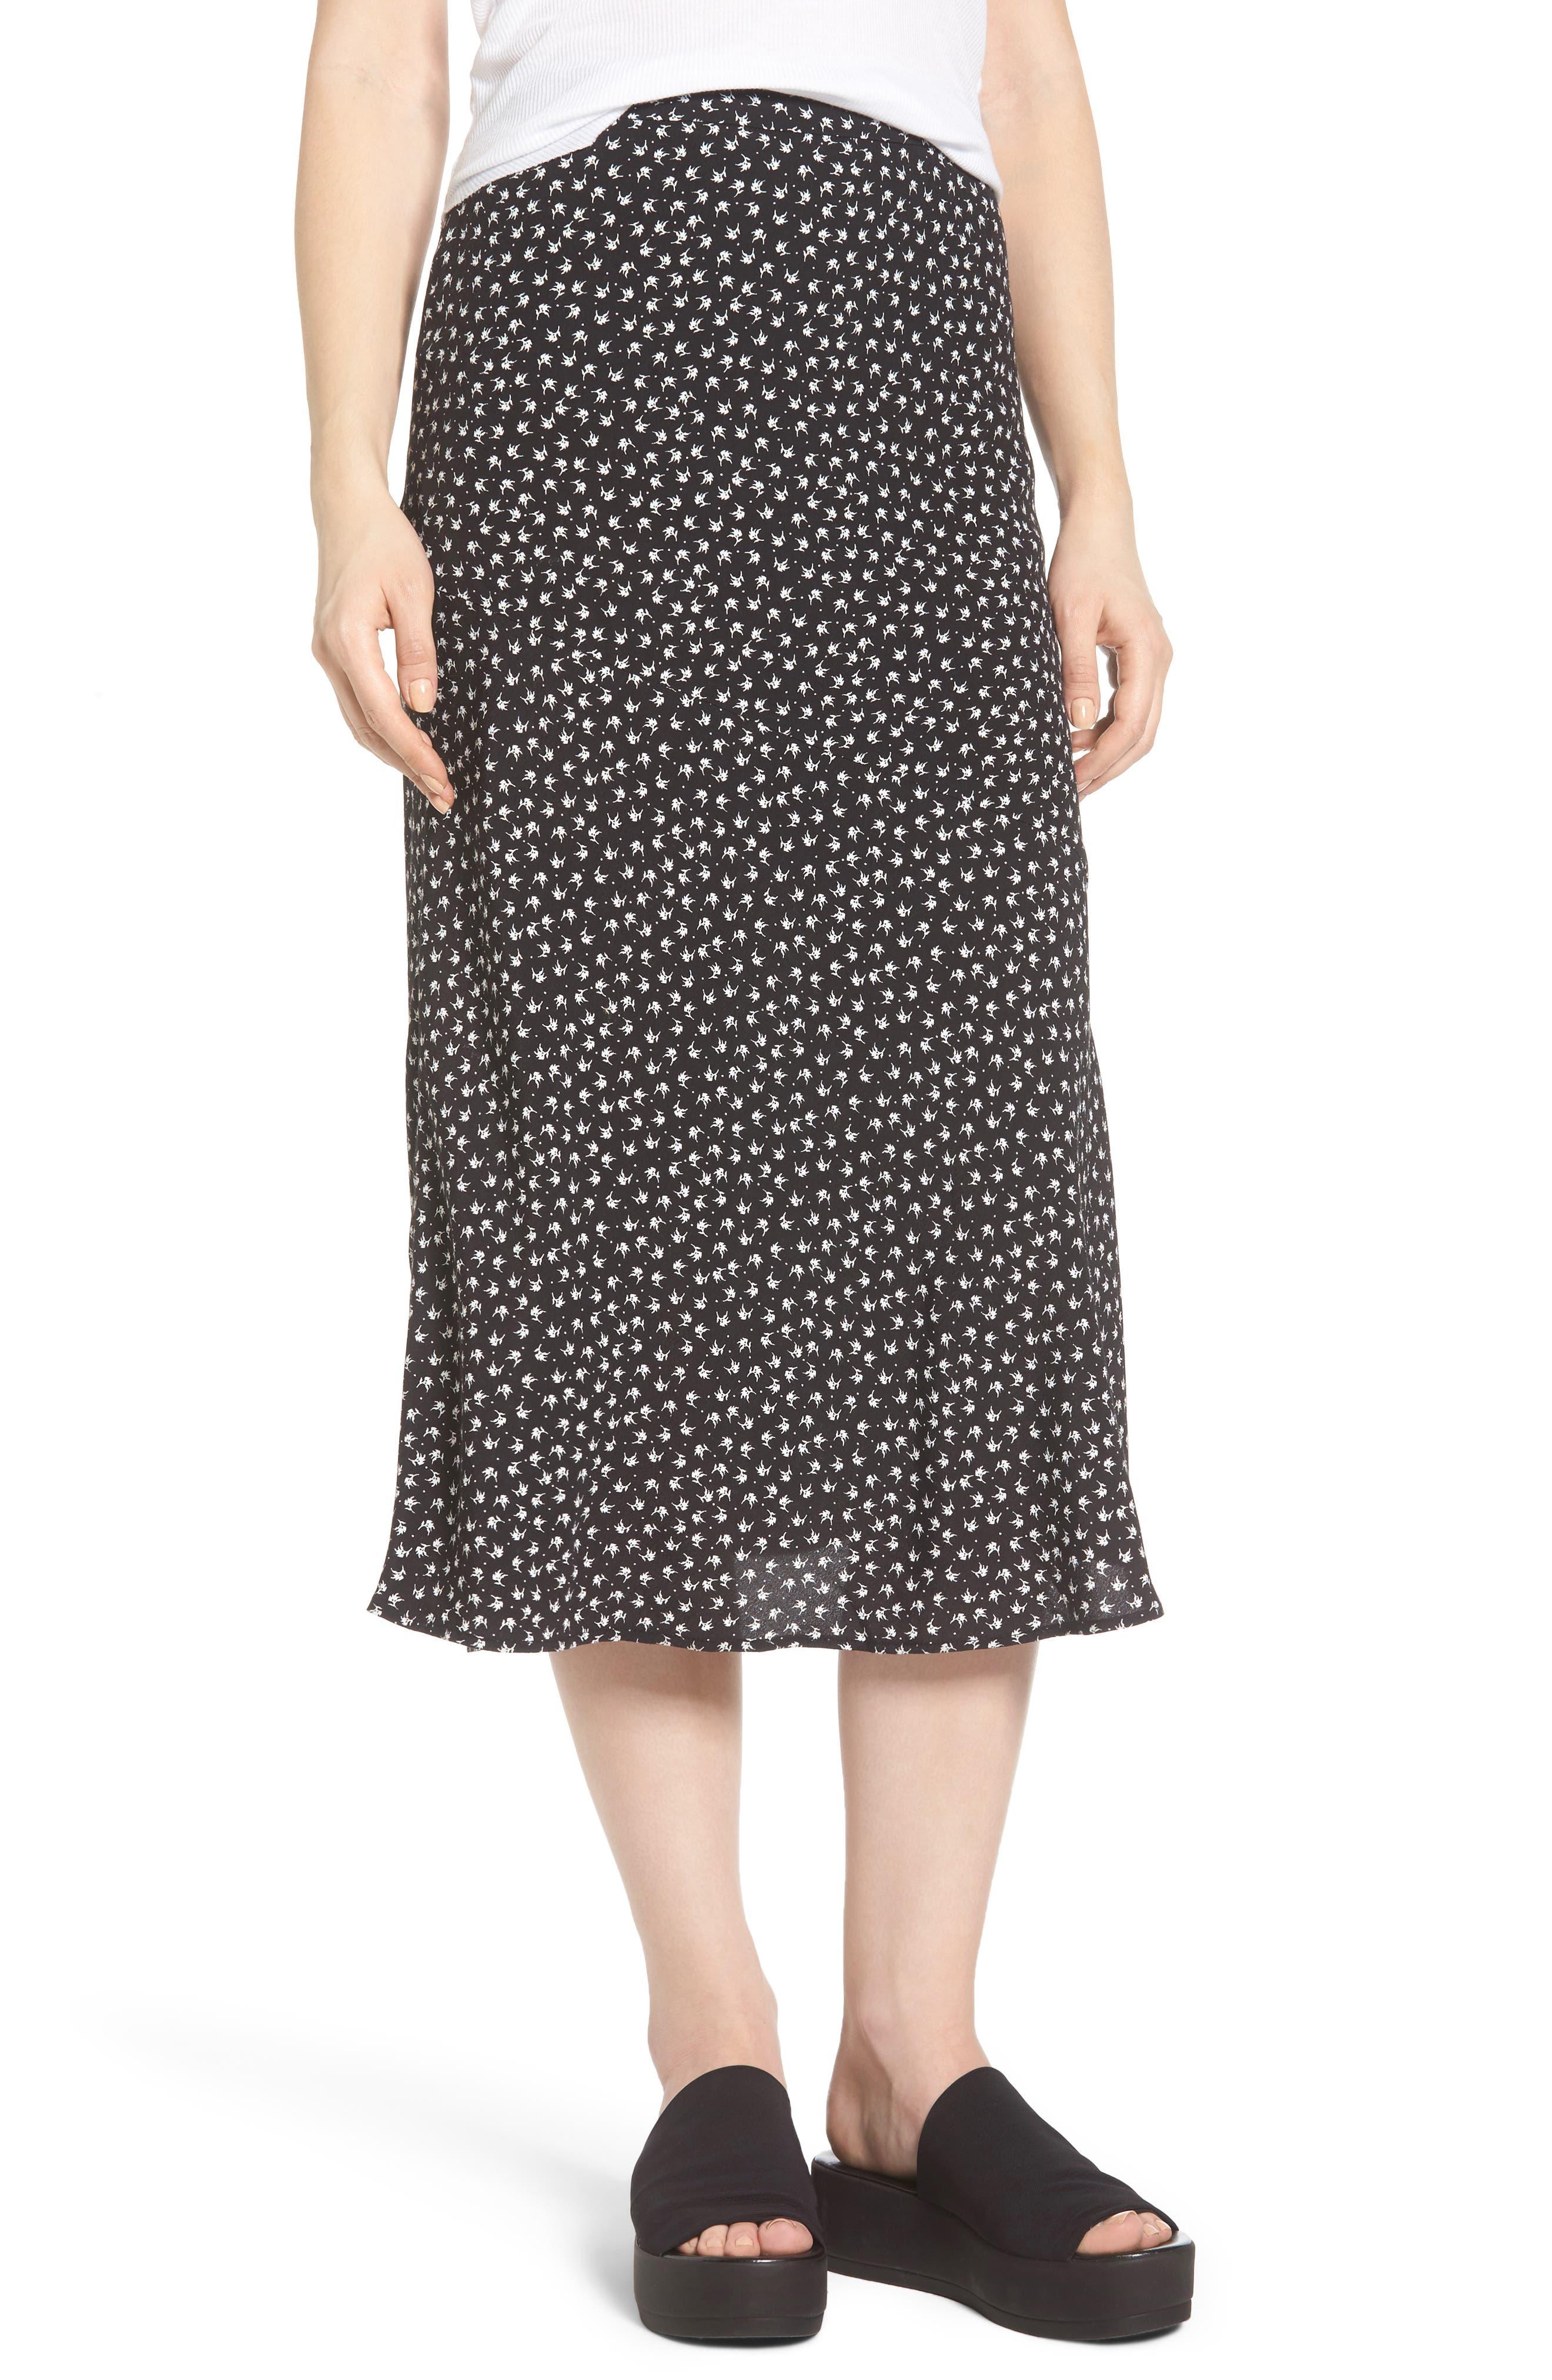 Main Image - BP. Print Bias Cut Skirt